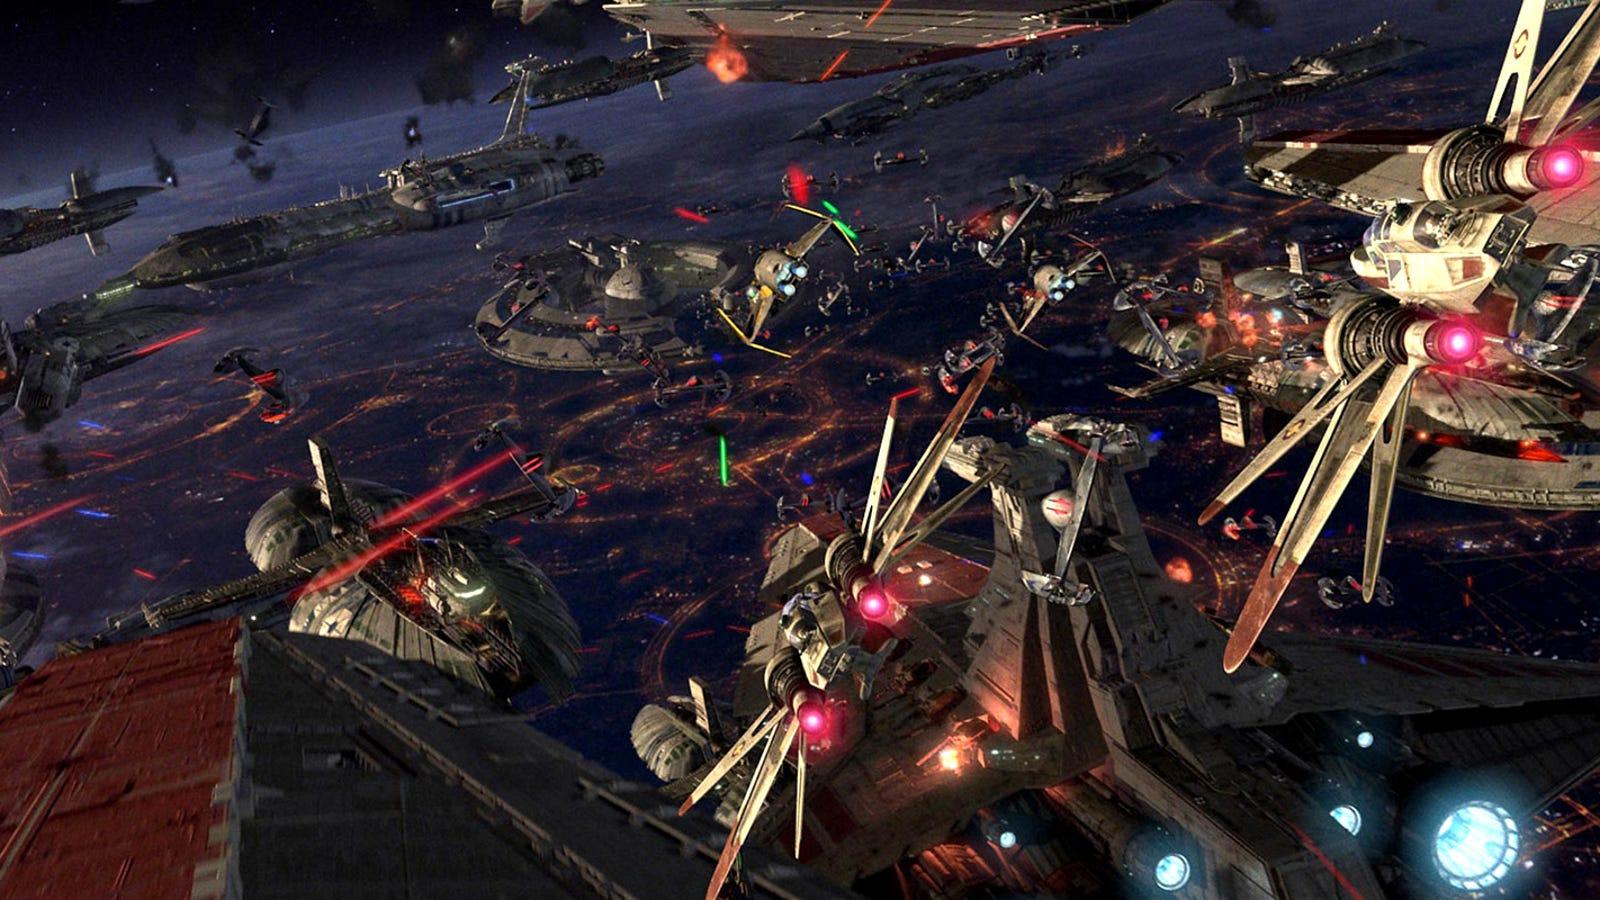 5 Mitos Sobre Batallas Espaciales Que Son Completamente Falsos